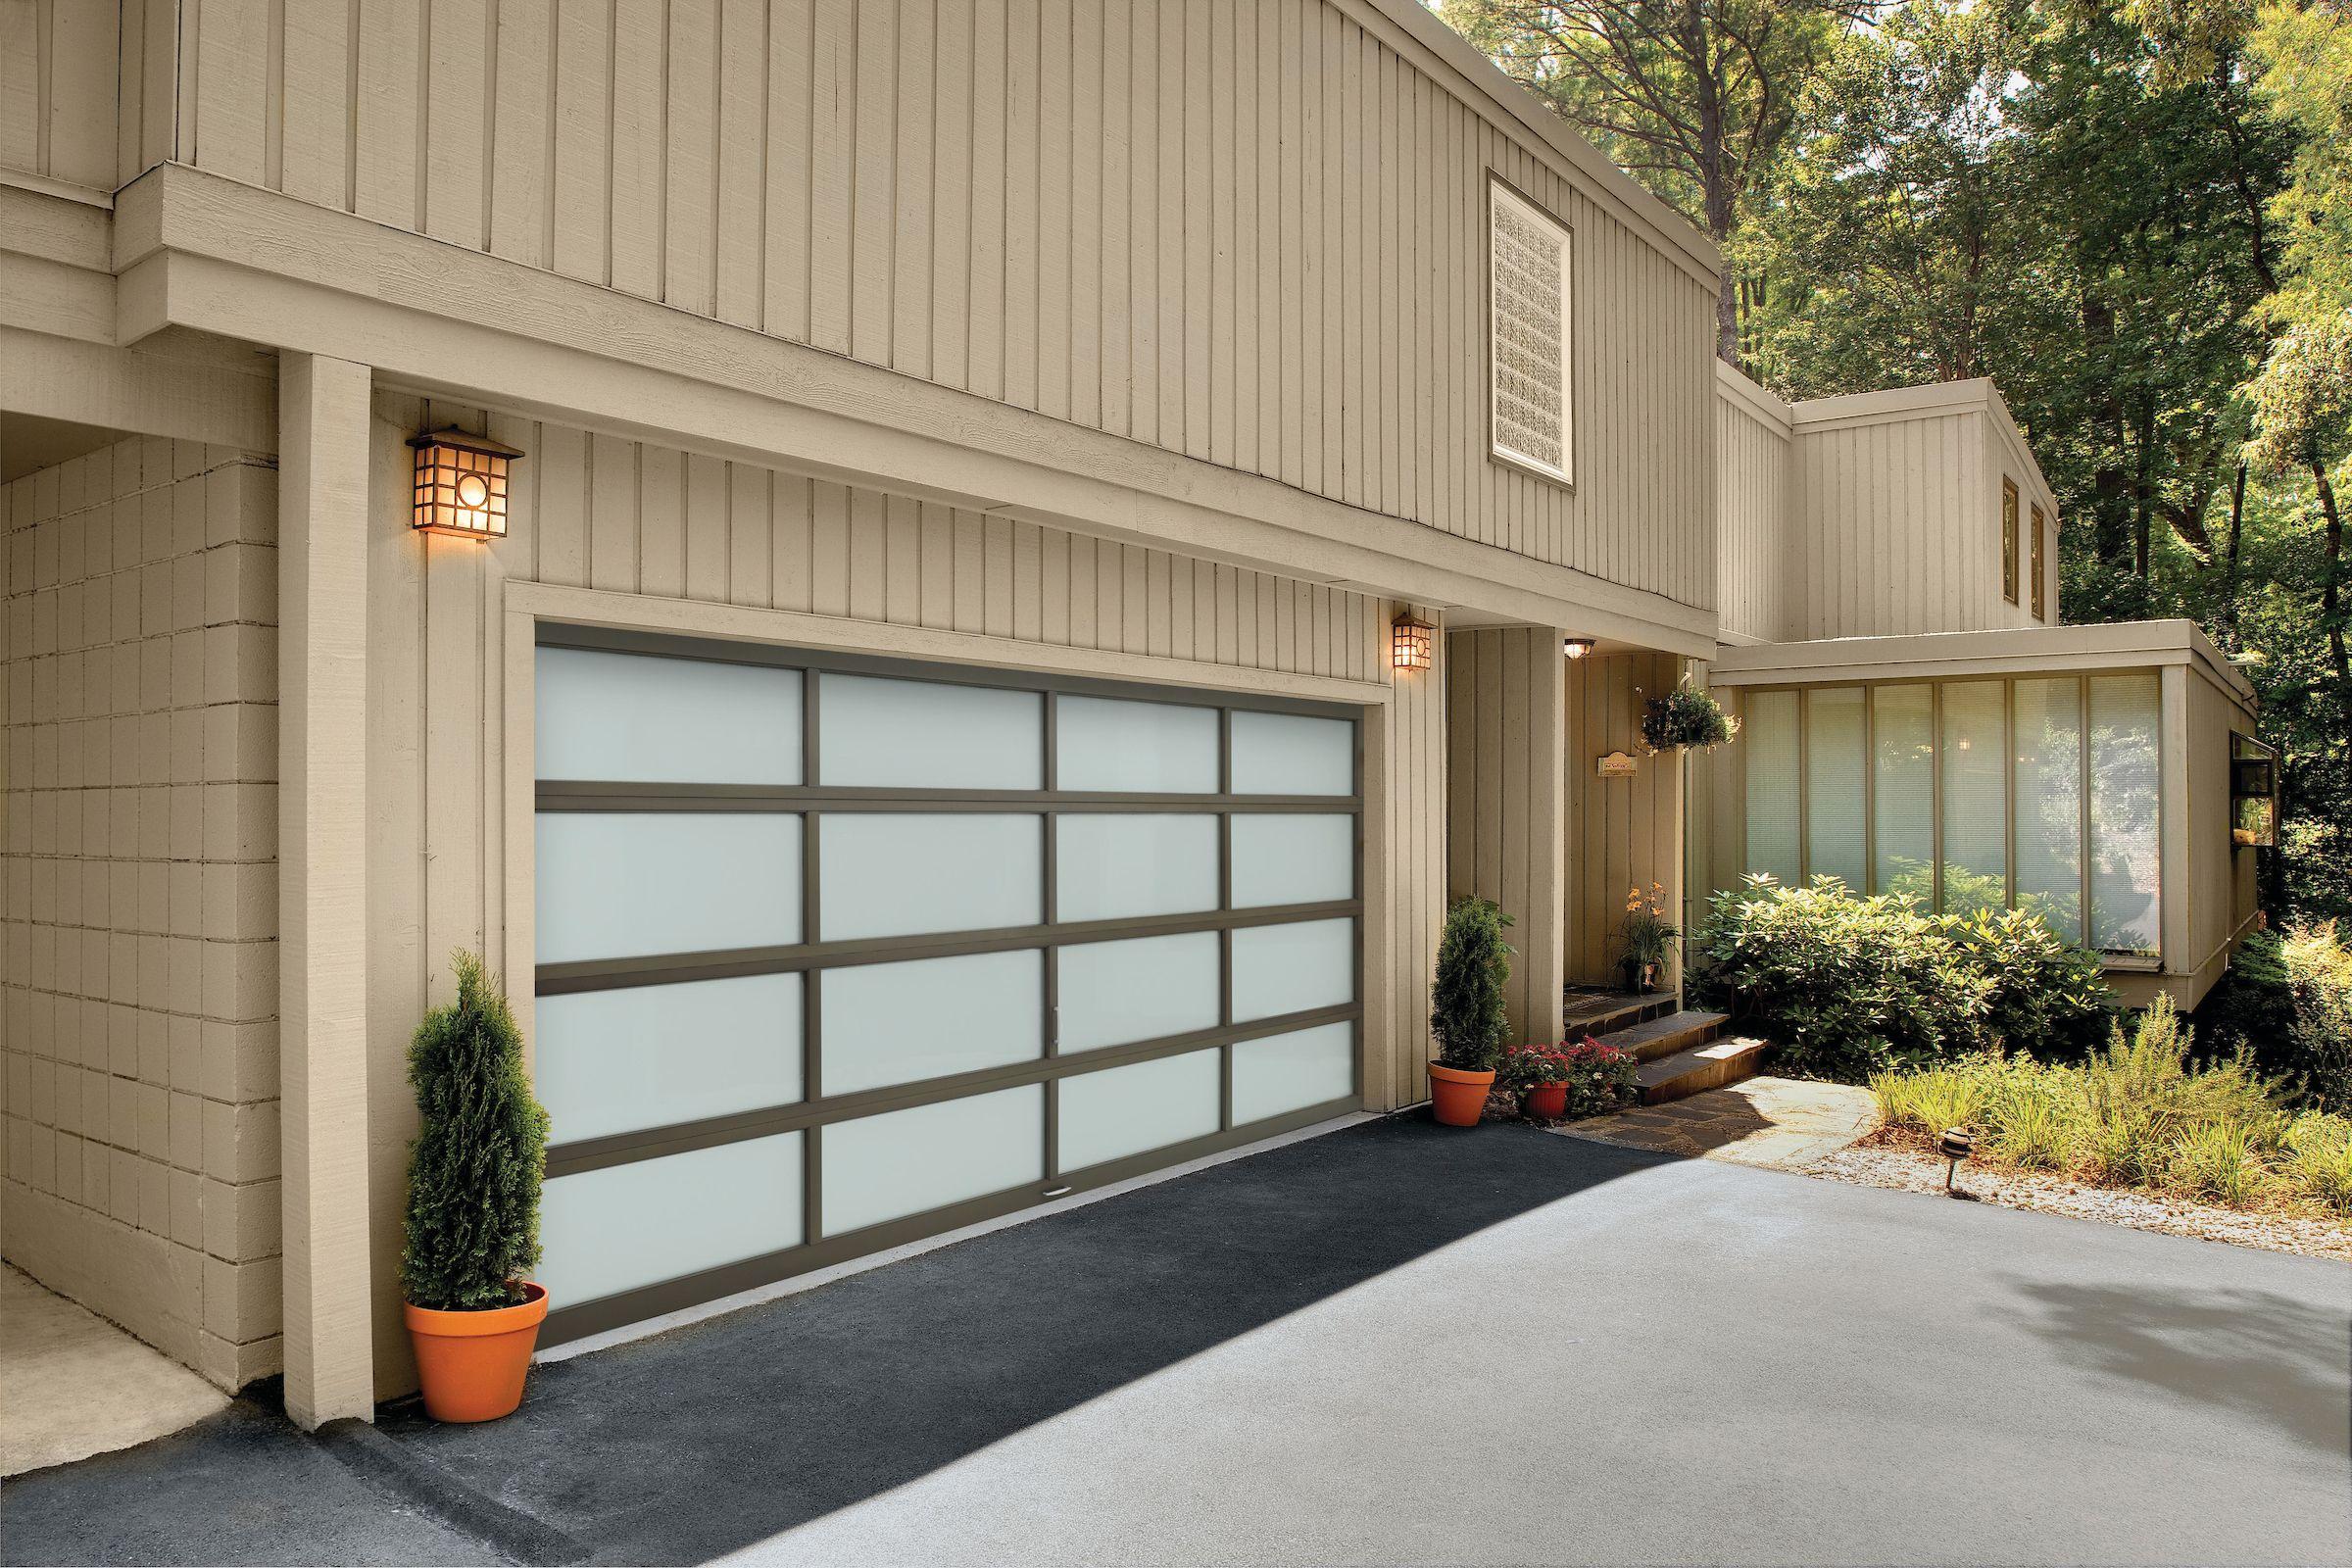 Same Day Garage Door Repair And Services In Marysville Mn Garage Doors For Sale Garage Door Design Garage Doors